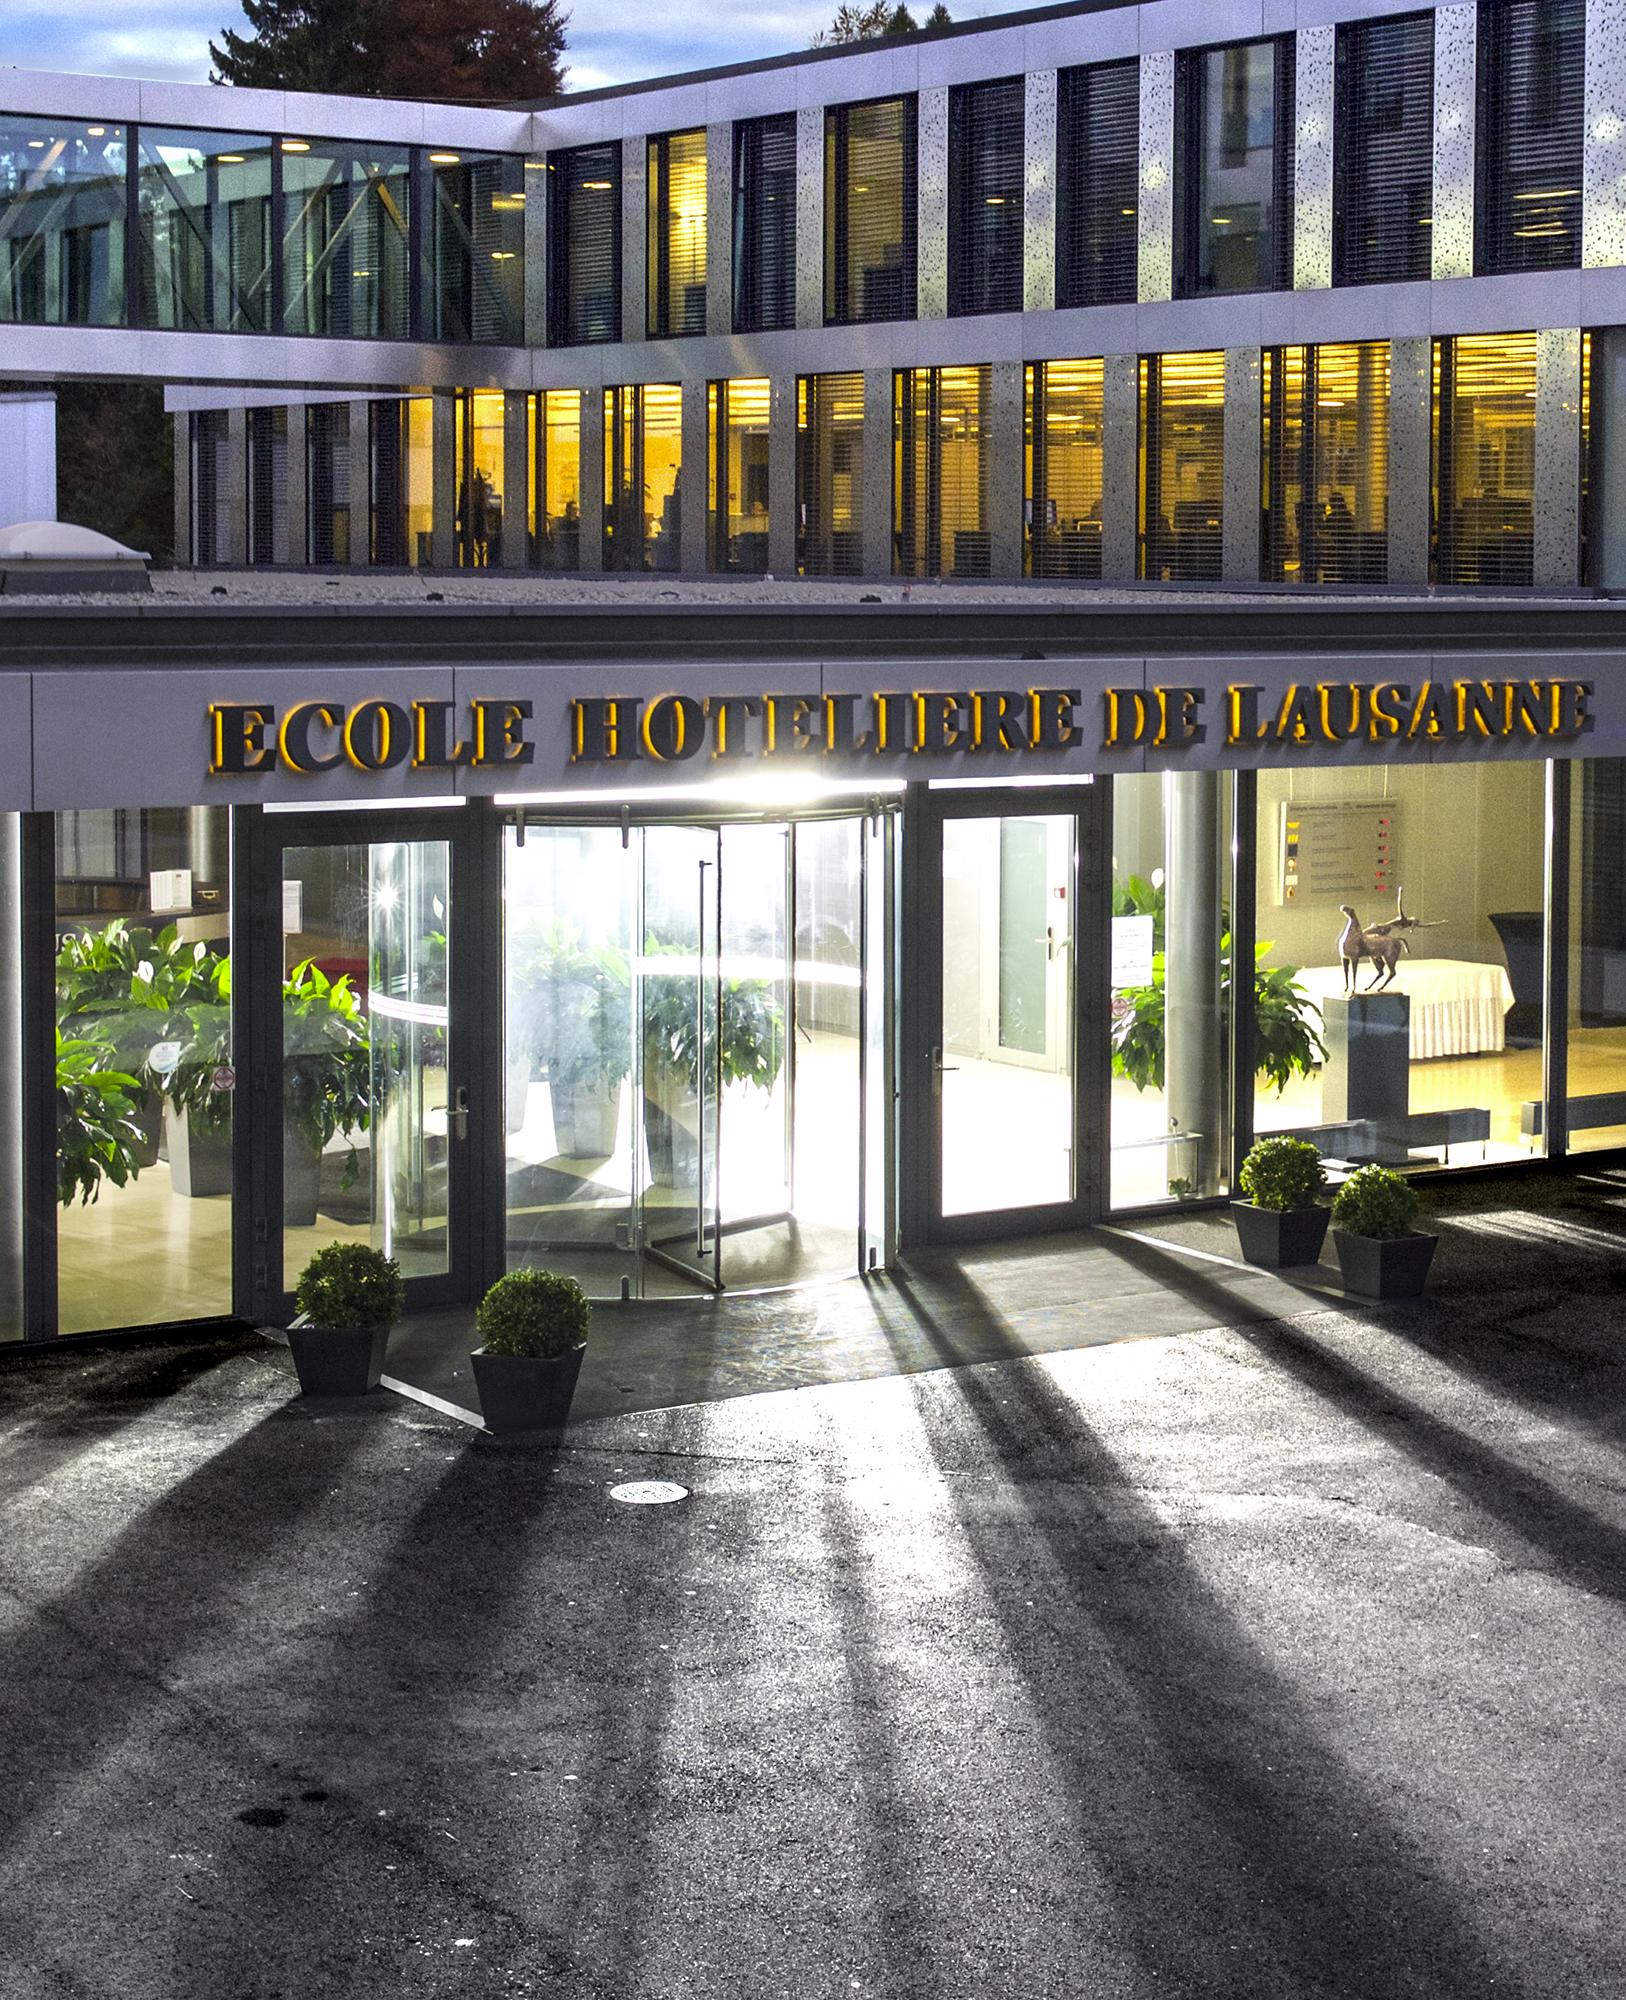 Ecole hôtelière de Lausanne WNG Agence Digitale